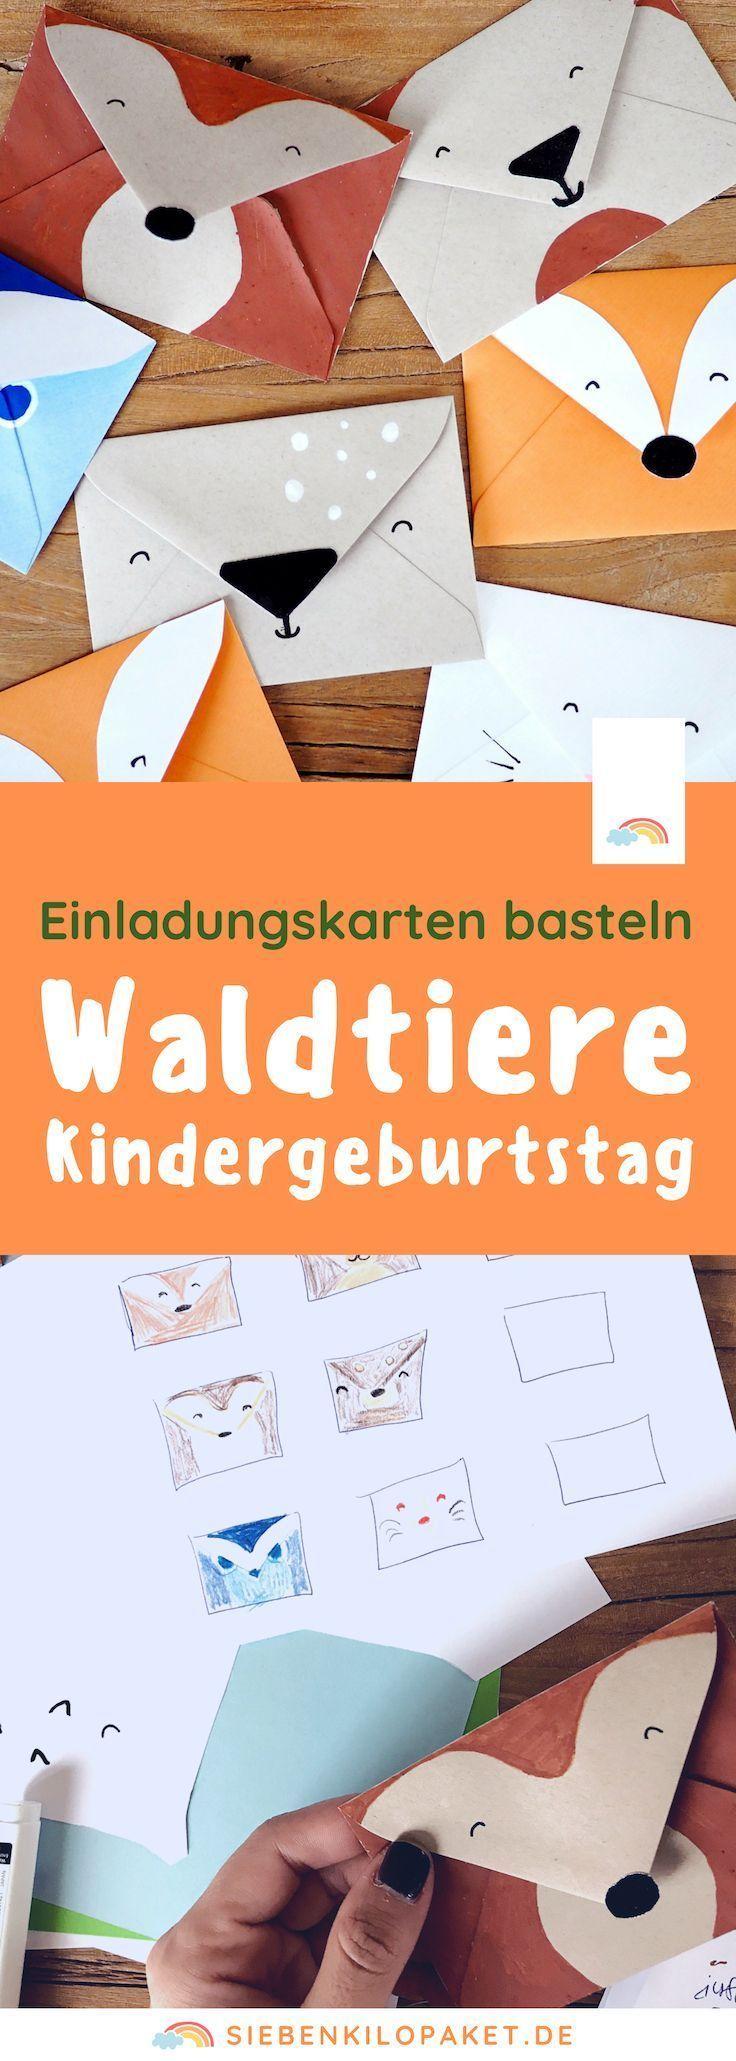 Einladungskarte Kindergeburtstag basteln: Waldtiere